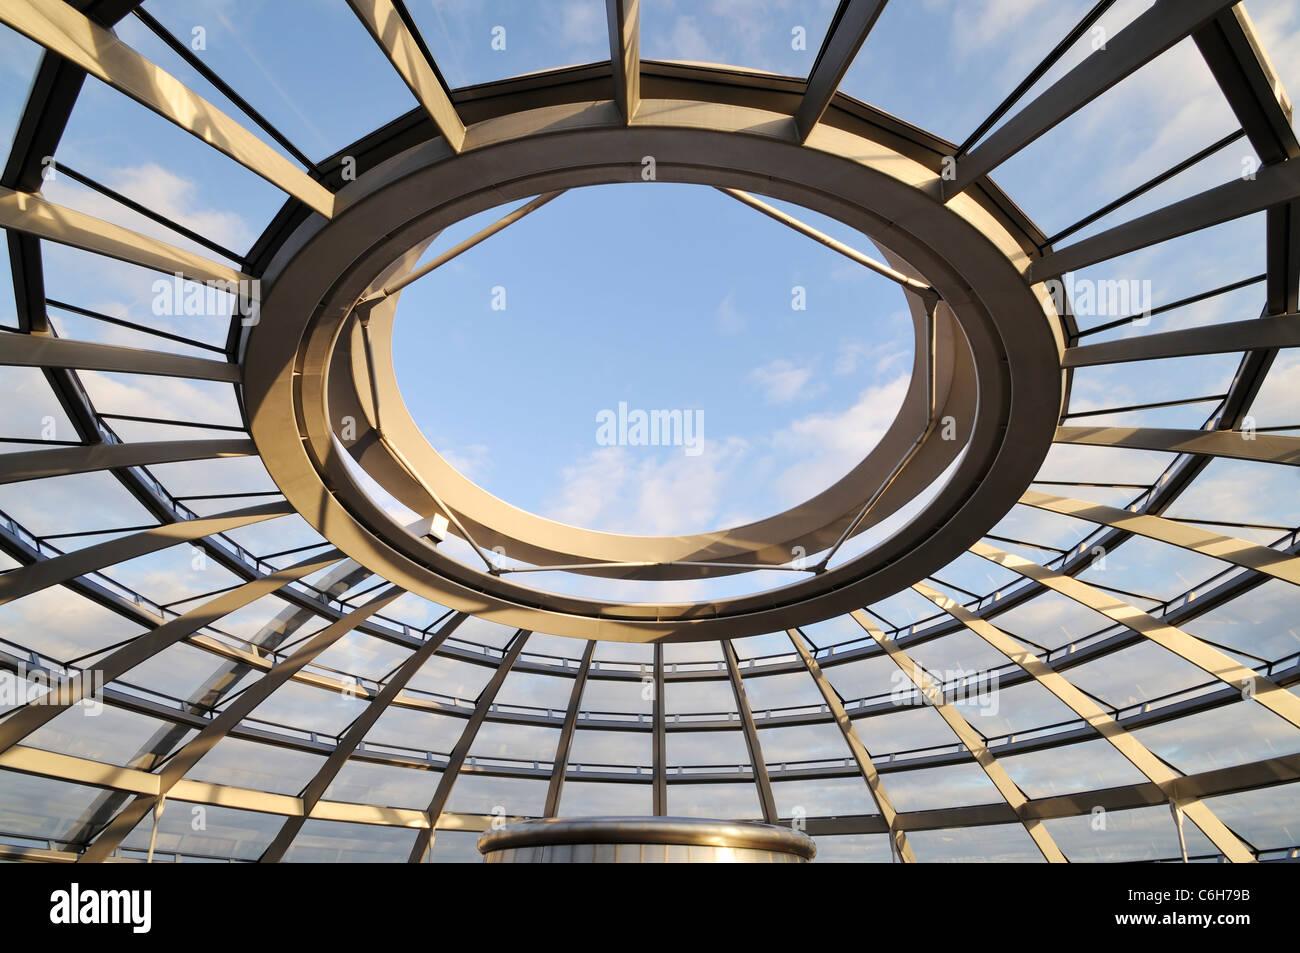 Vista dal cielo della cupola del Reichstag dall'interno. Parte superiore del Reichstag, la Germania, il palazzo Immagini Stock